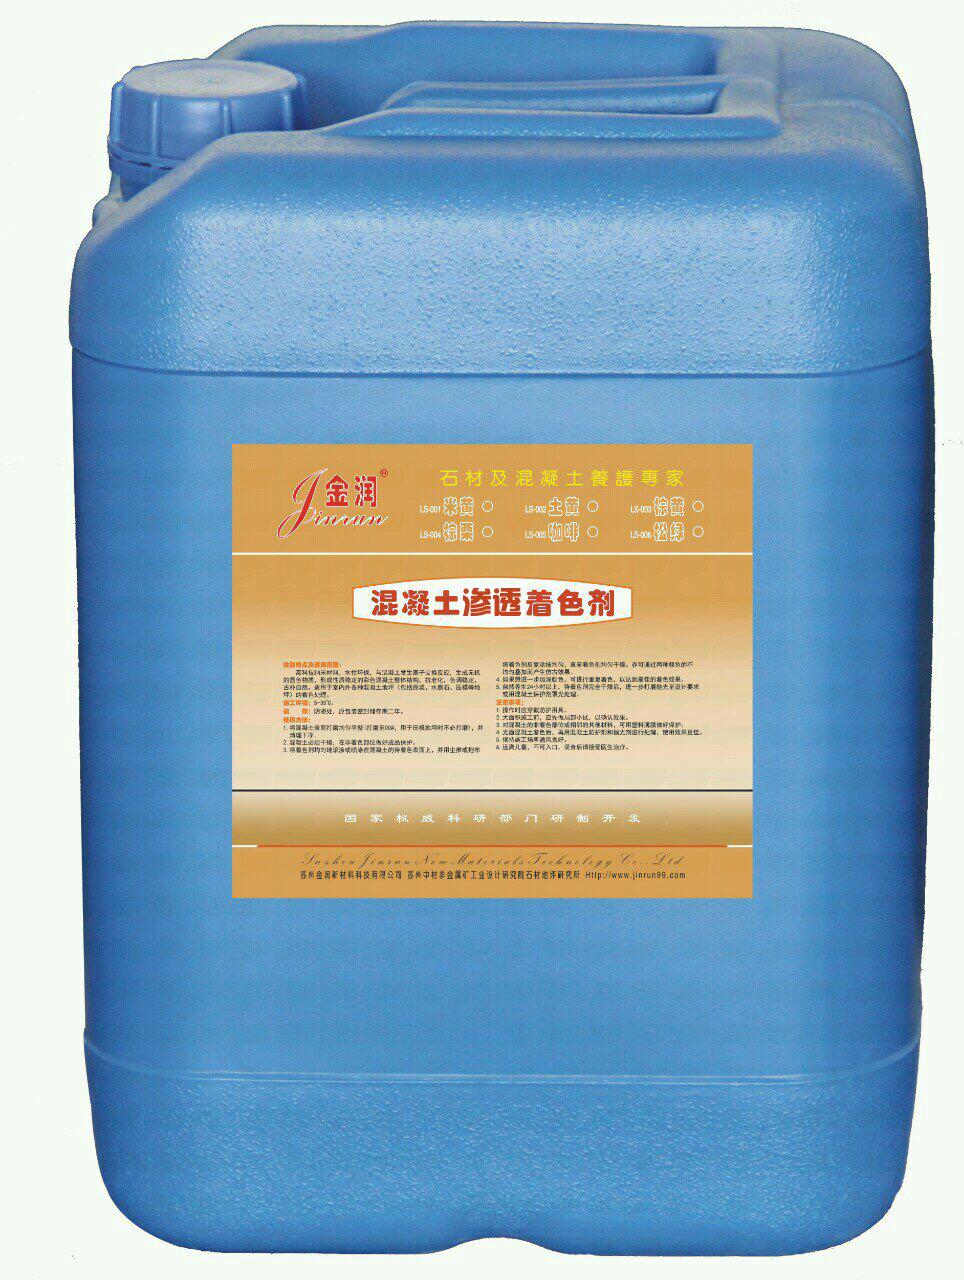 YS-系列-金润混凝土渗透着色剂